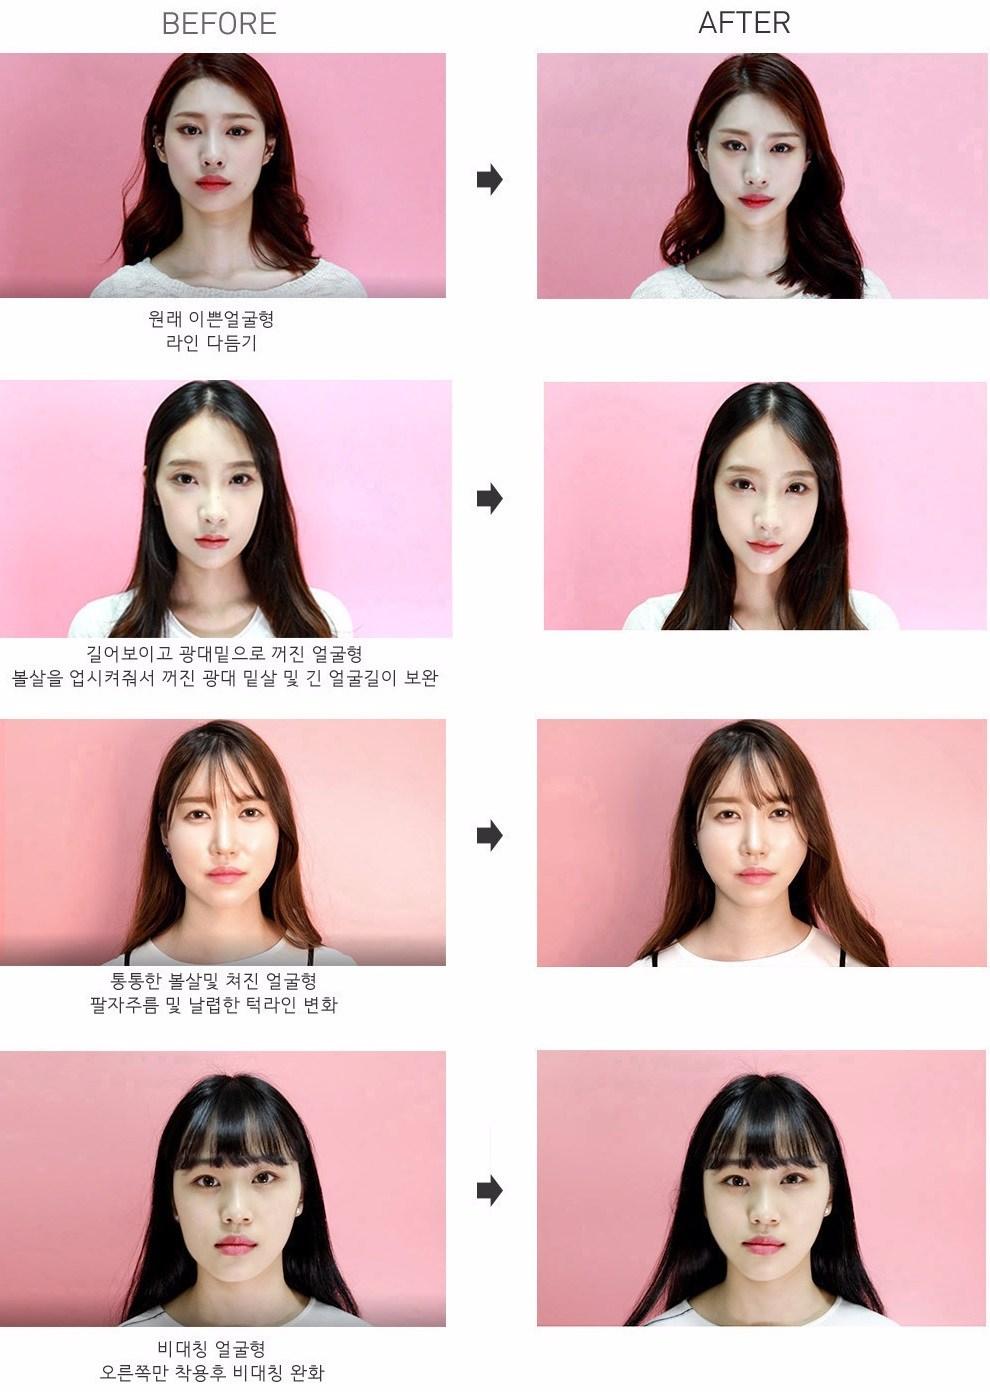 你看看這些女孩使用前後的差異有多大!!!!!使用後各個都是瓜子臉啊~